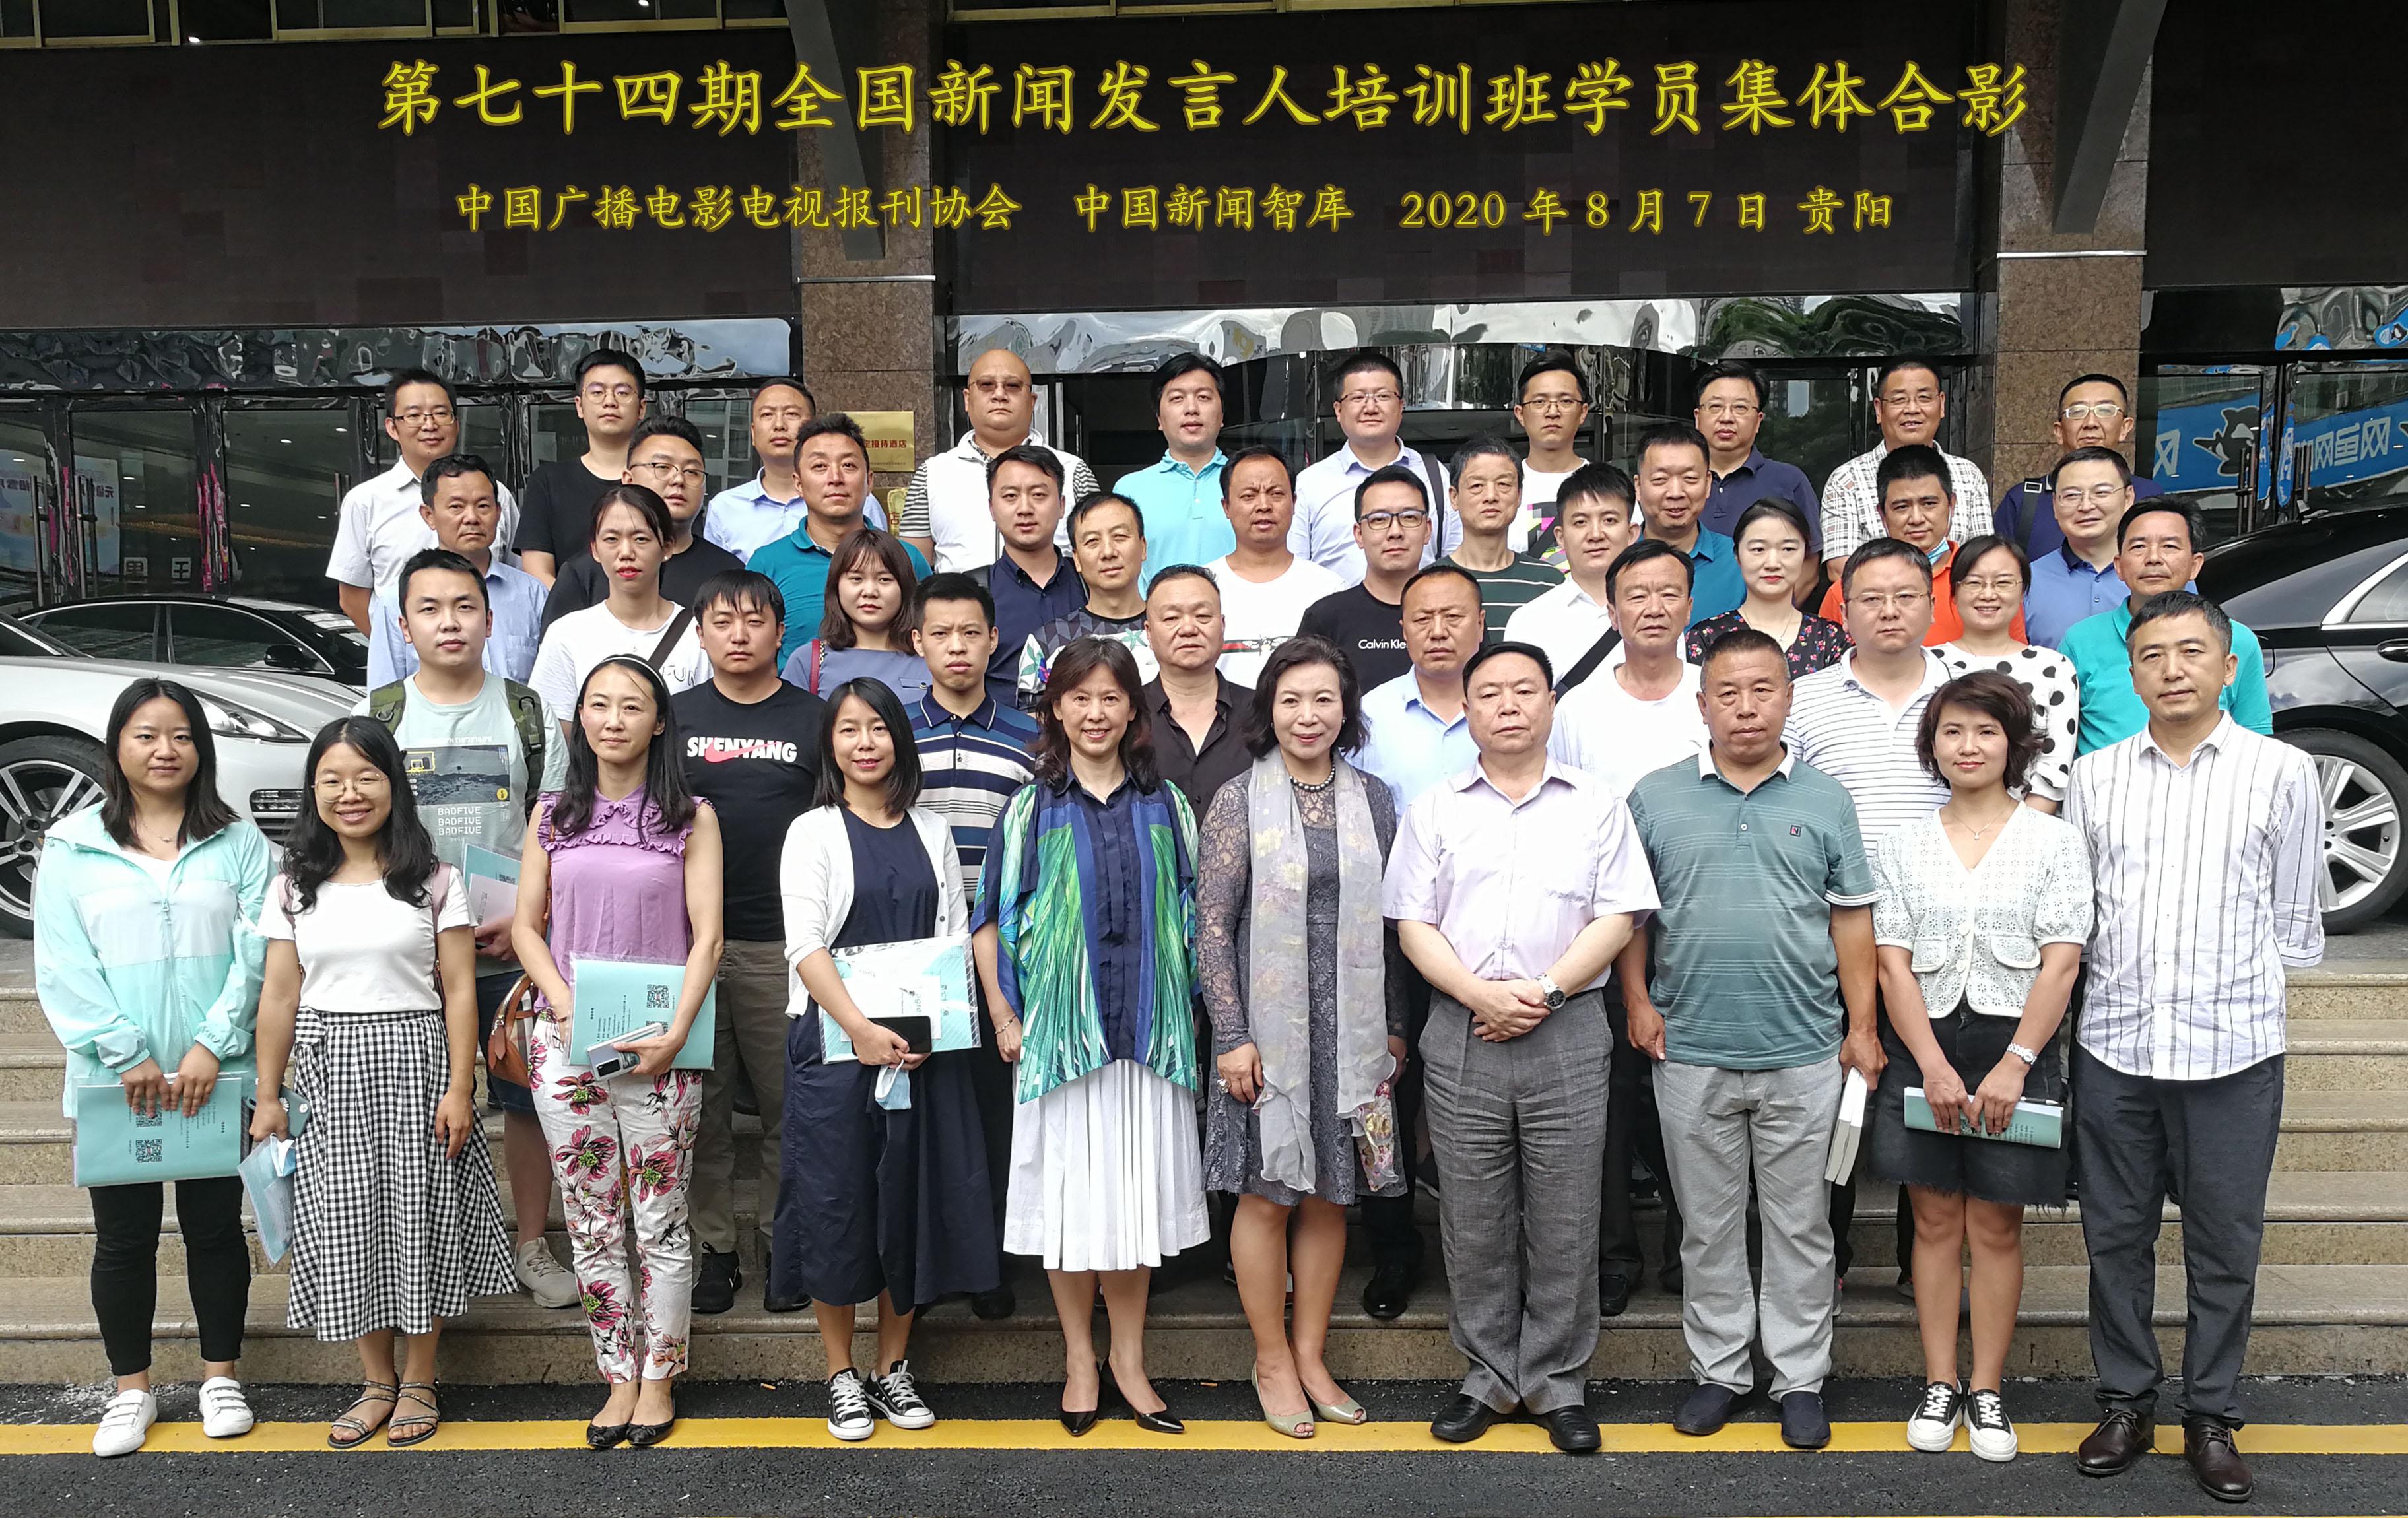 第74期全国新闻发言人培训班在贵阳市成功举办